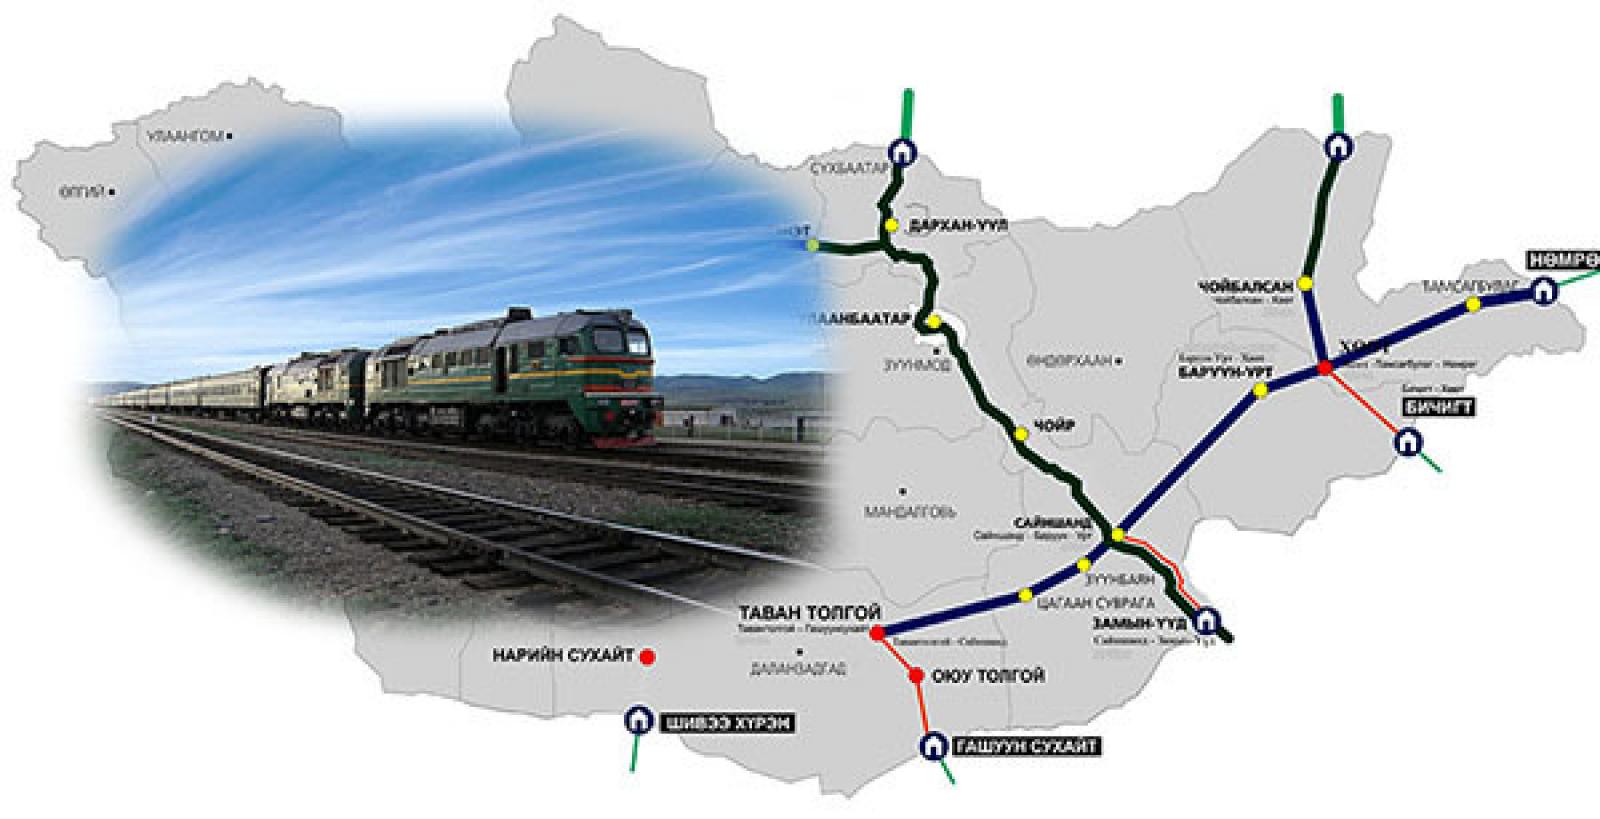 Монголоор дамжсан төмөр замын ачаа тээвэр хоёр дахин нэмэгджээ